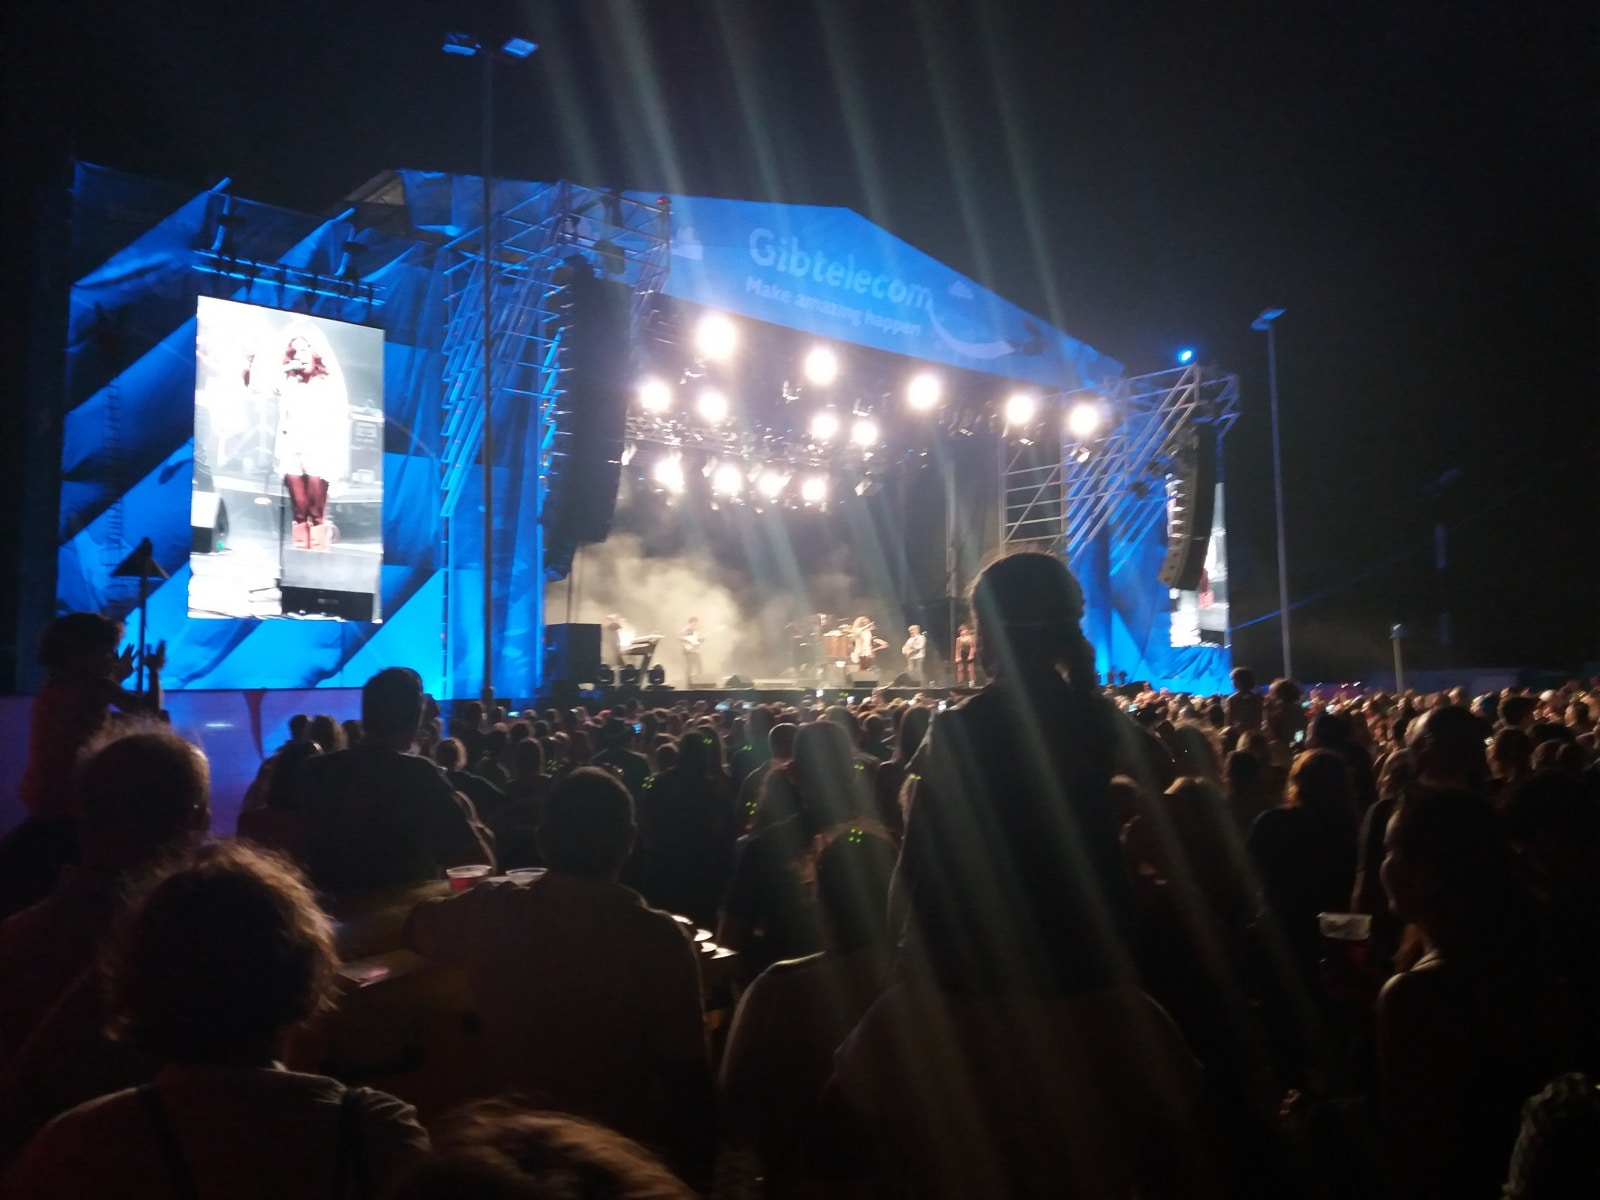 3-de-septiembre-de-2016-gibraltar-music-festival-17_29439875415_o